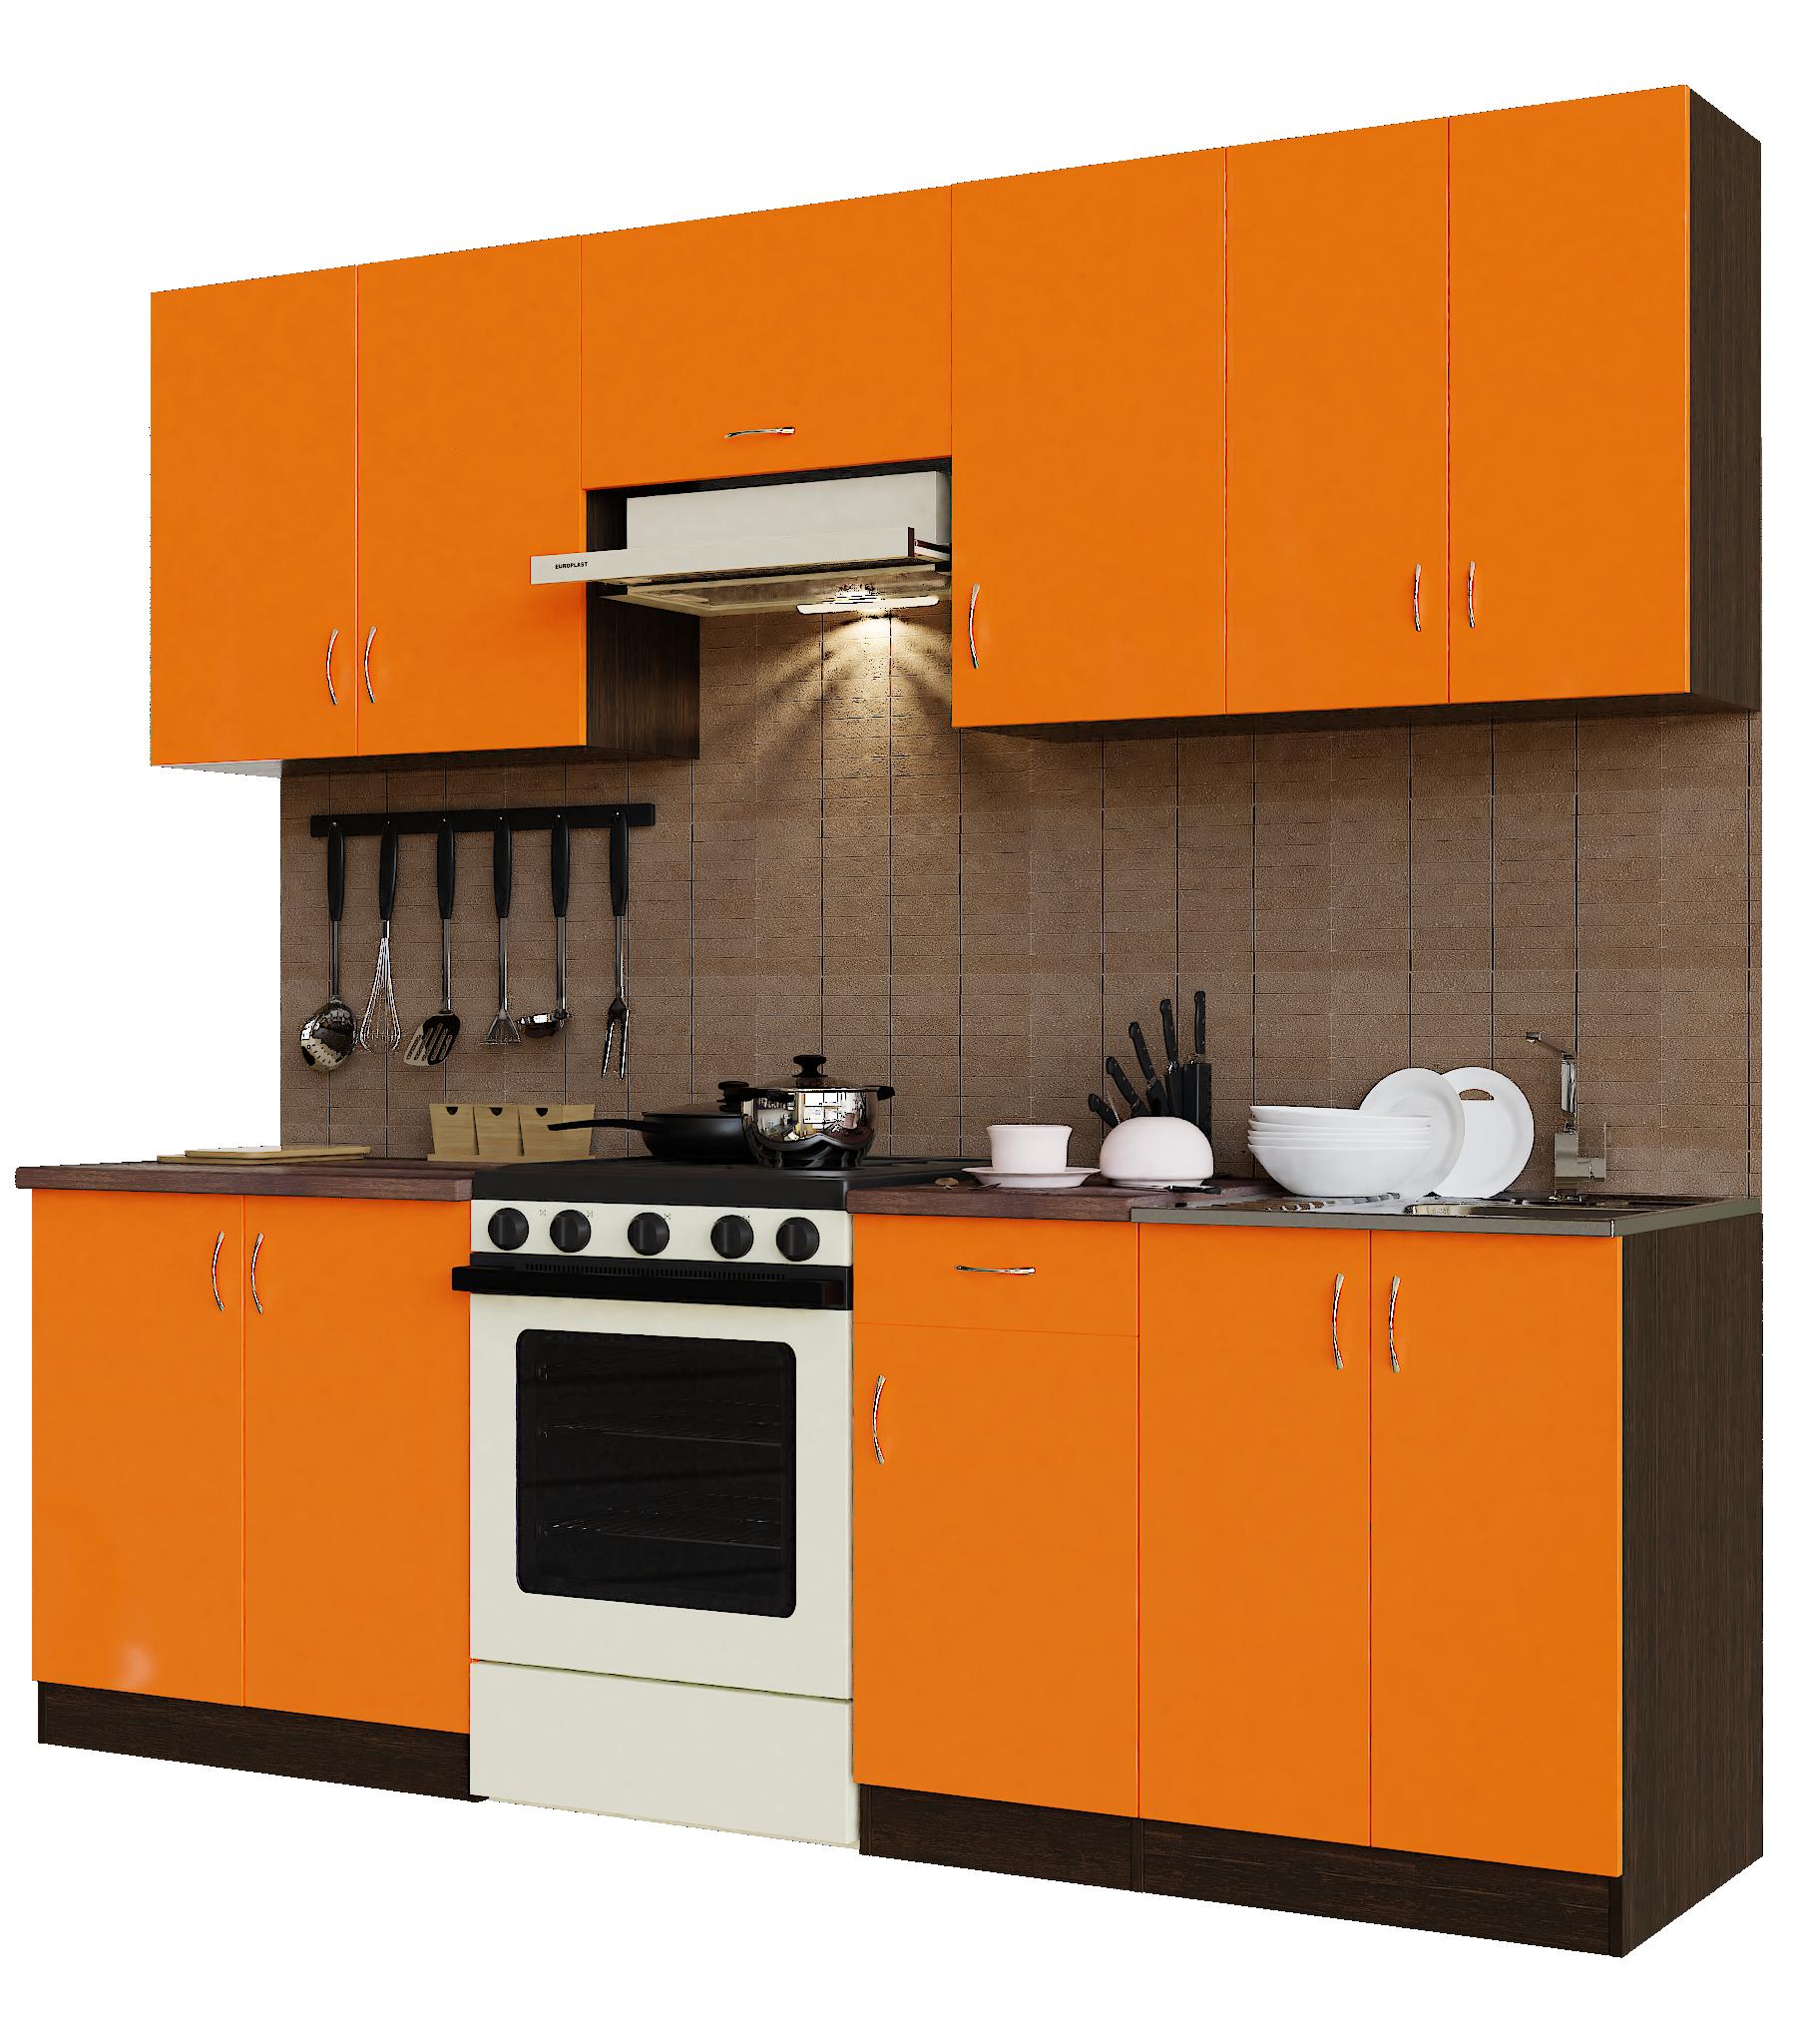 Кухонный гарнитур Sanvut ГК2400-3.13.1 Венге / Оранж (венге)